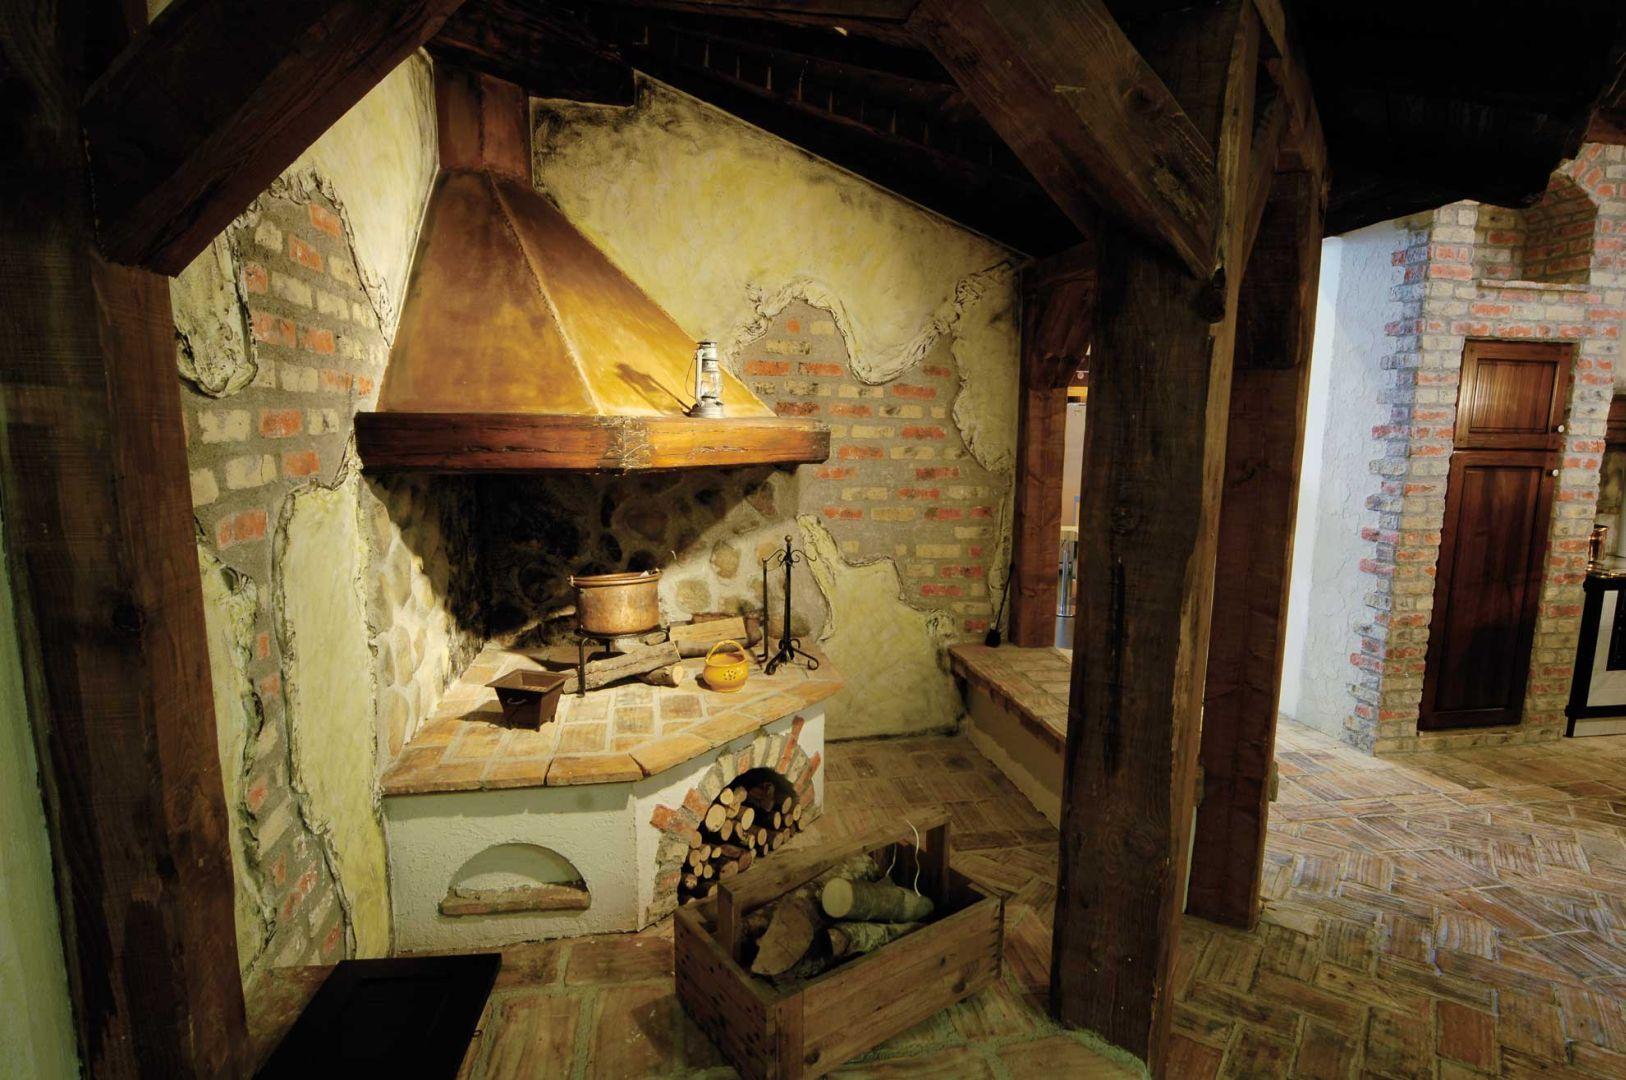 Camini E Stufe Emilia Romagna borgo antico cucine a san marino, cucine artigianali vicino